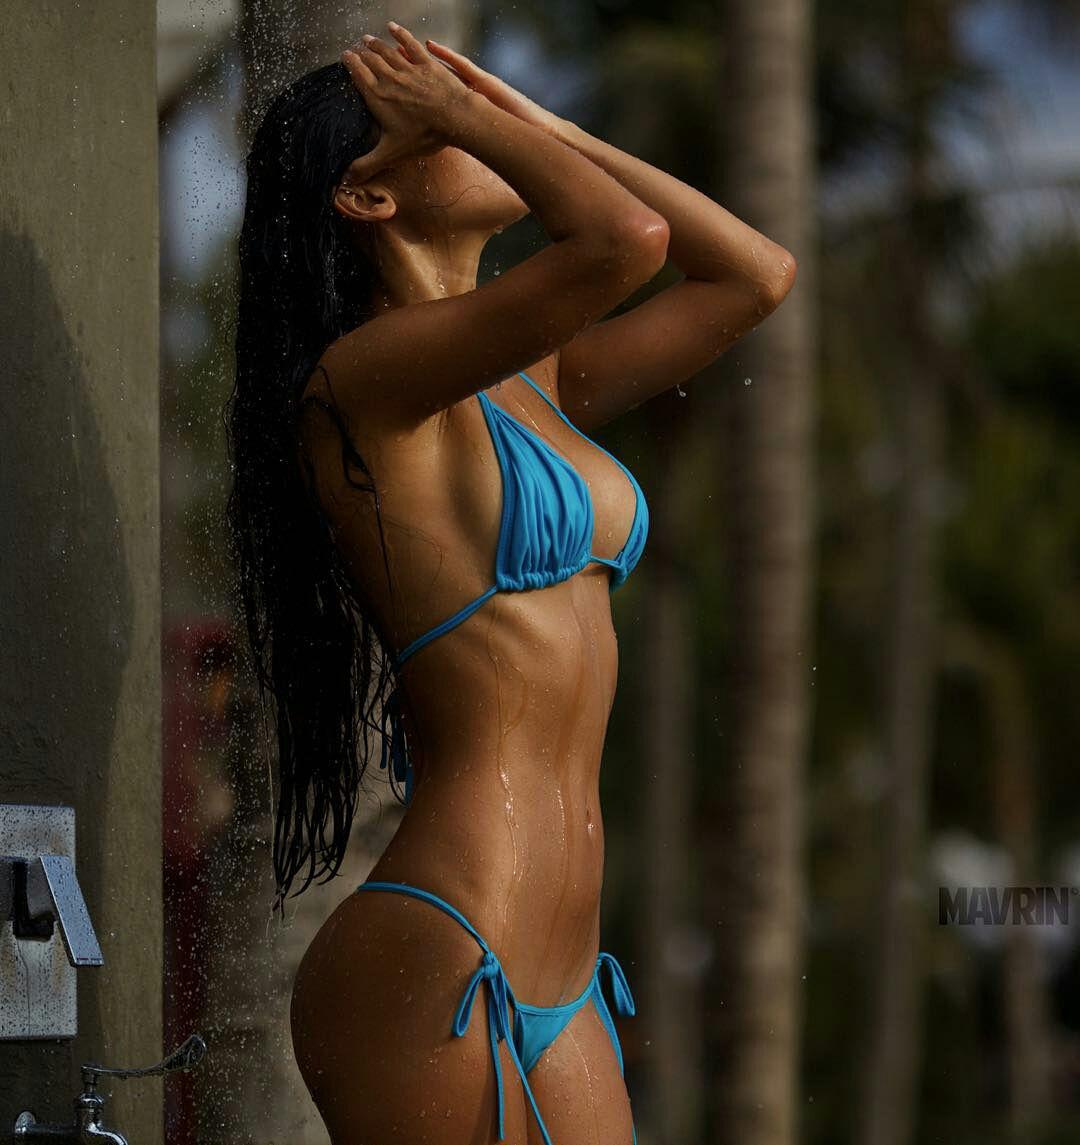 Nice abs..